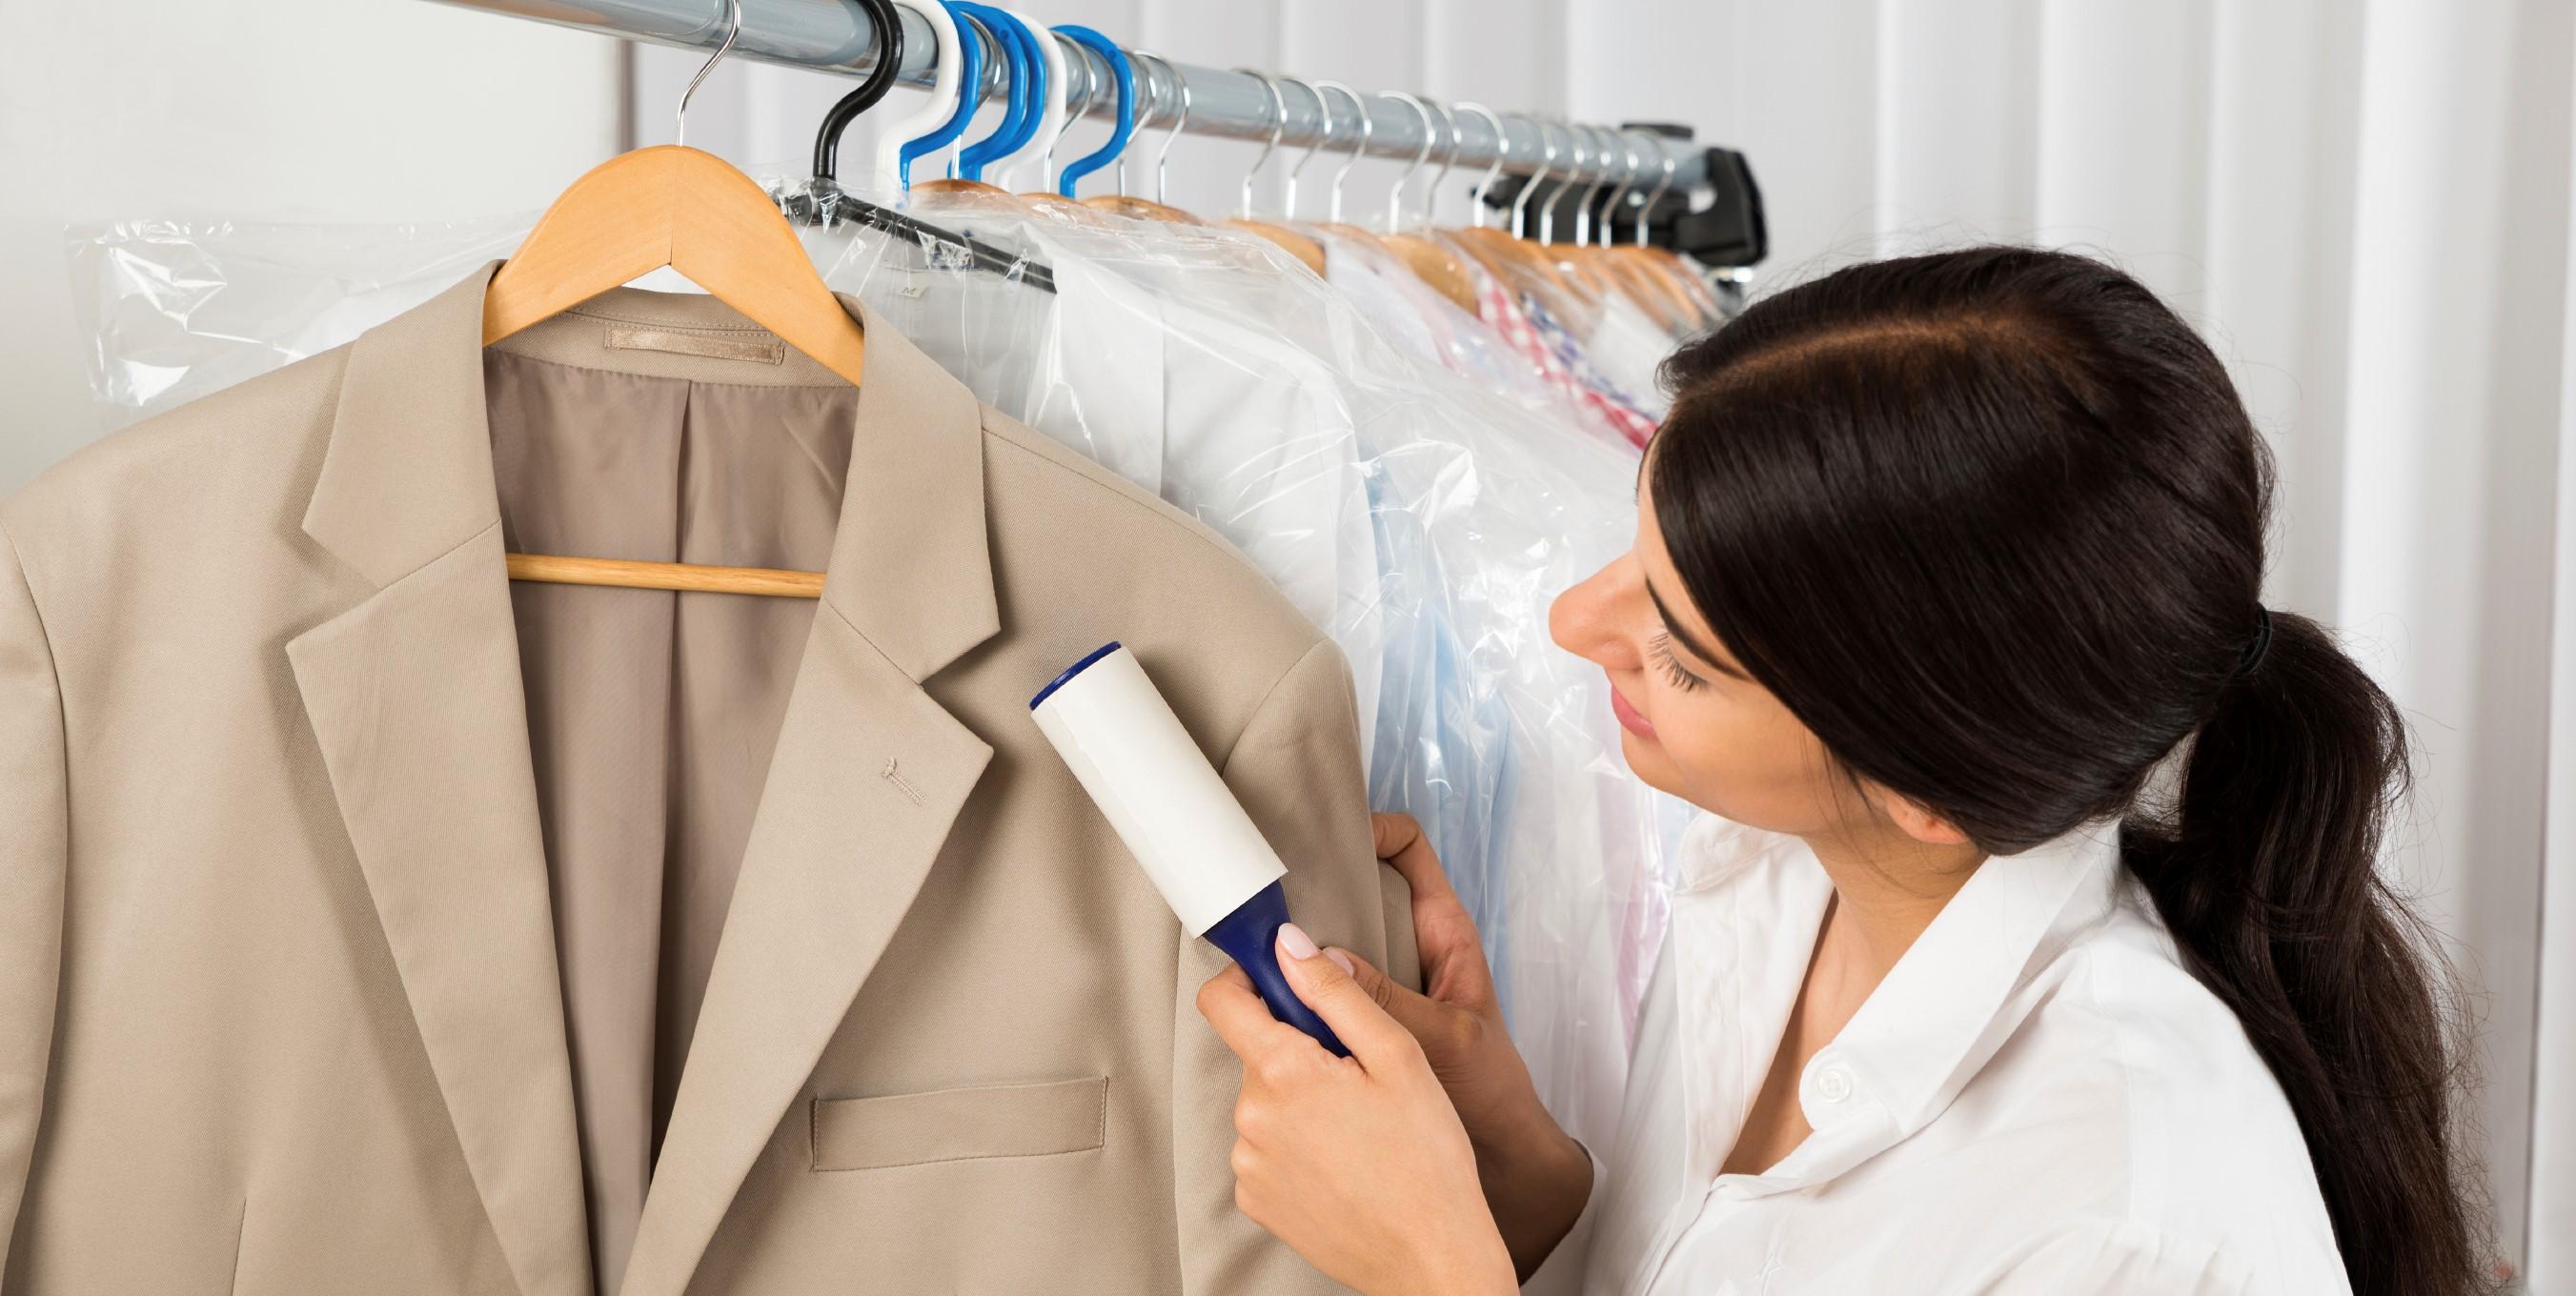 7 способов как почистить пальто в домашних условиях | Блог Comfy